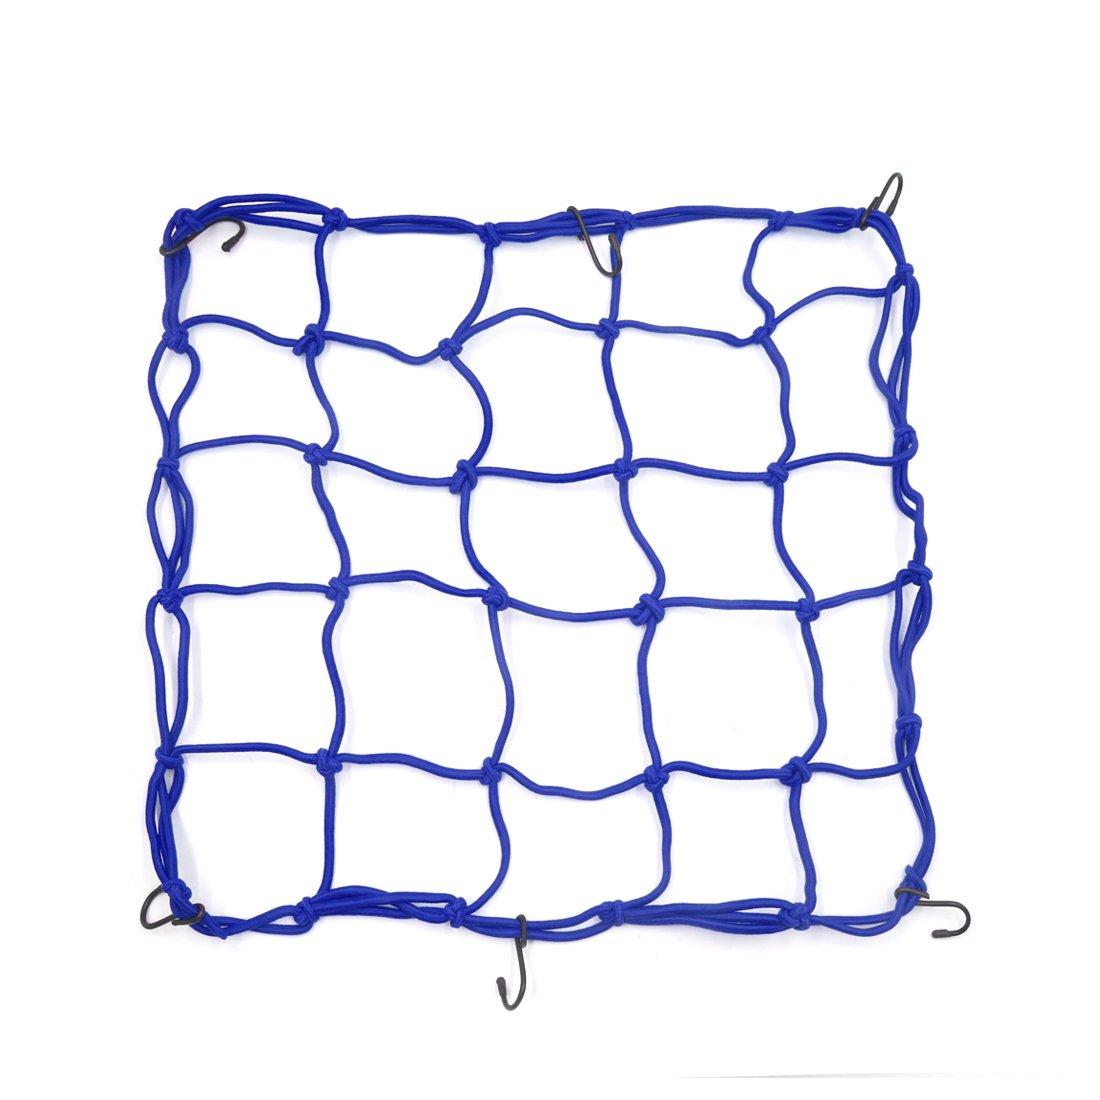 1 Stück 45x45 cm Blau Bungee Helm Cargo Gepäcknetz Waren Net für Auto Motorrad Sourcingmap a17051800ux0602